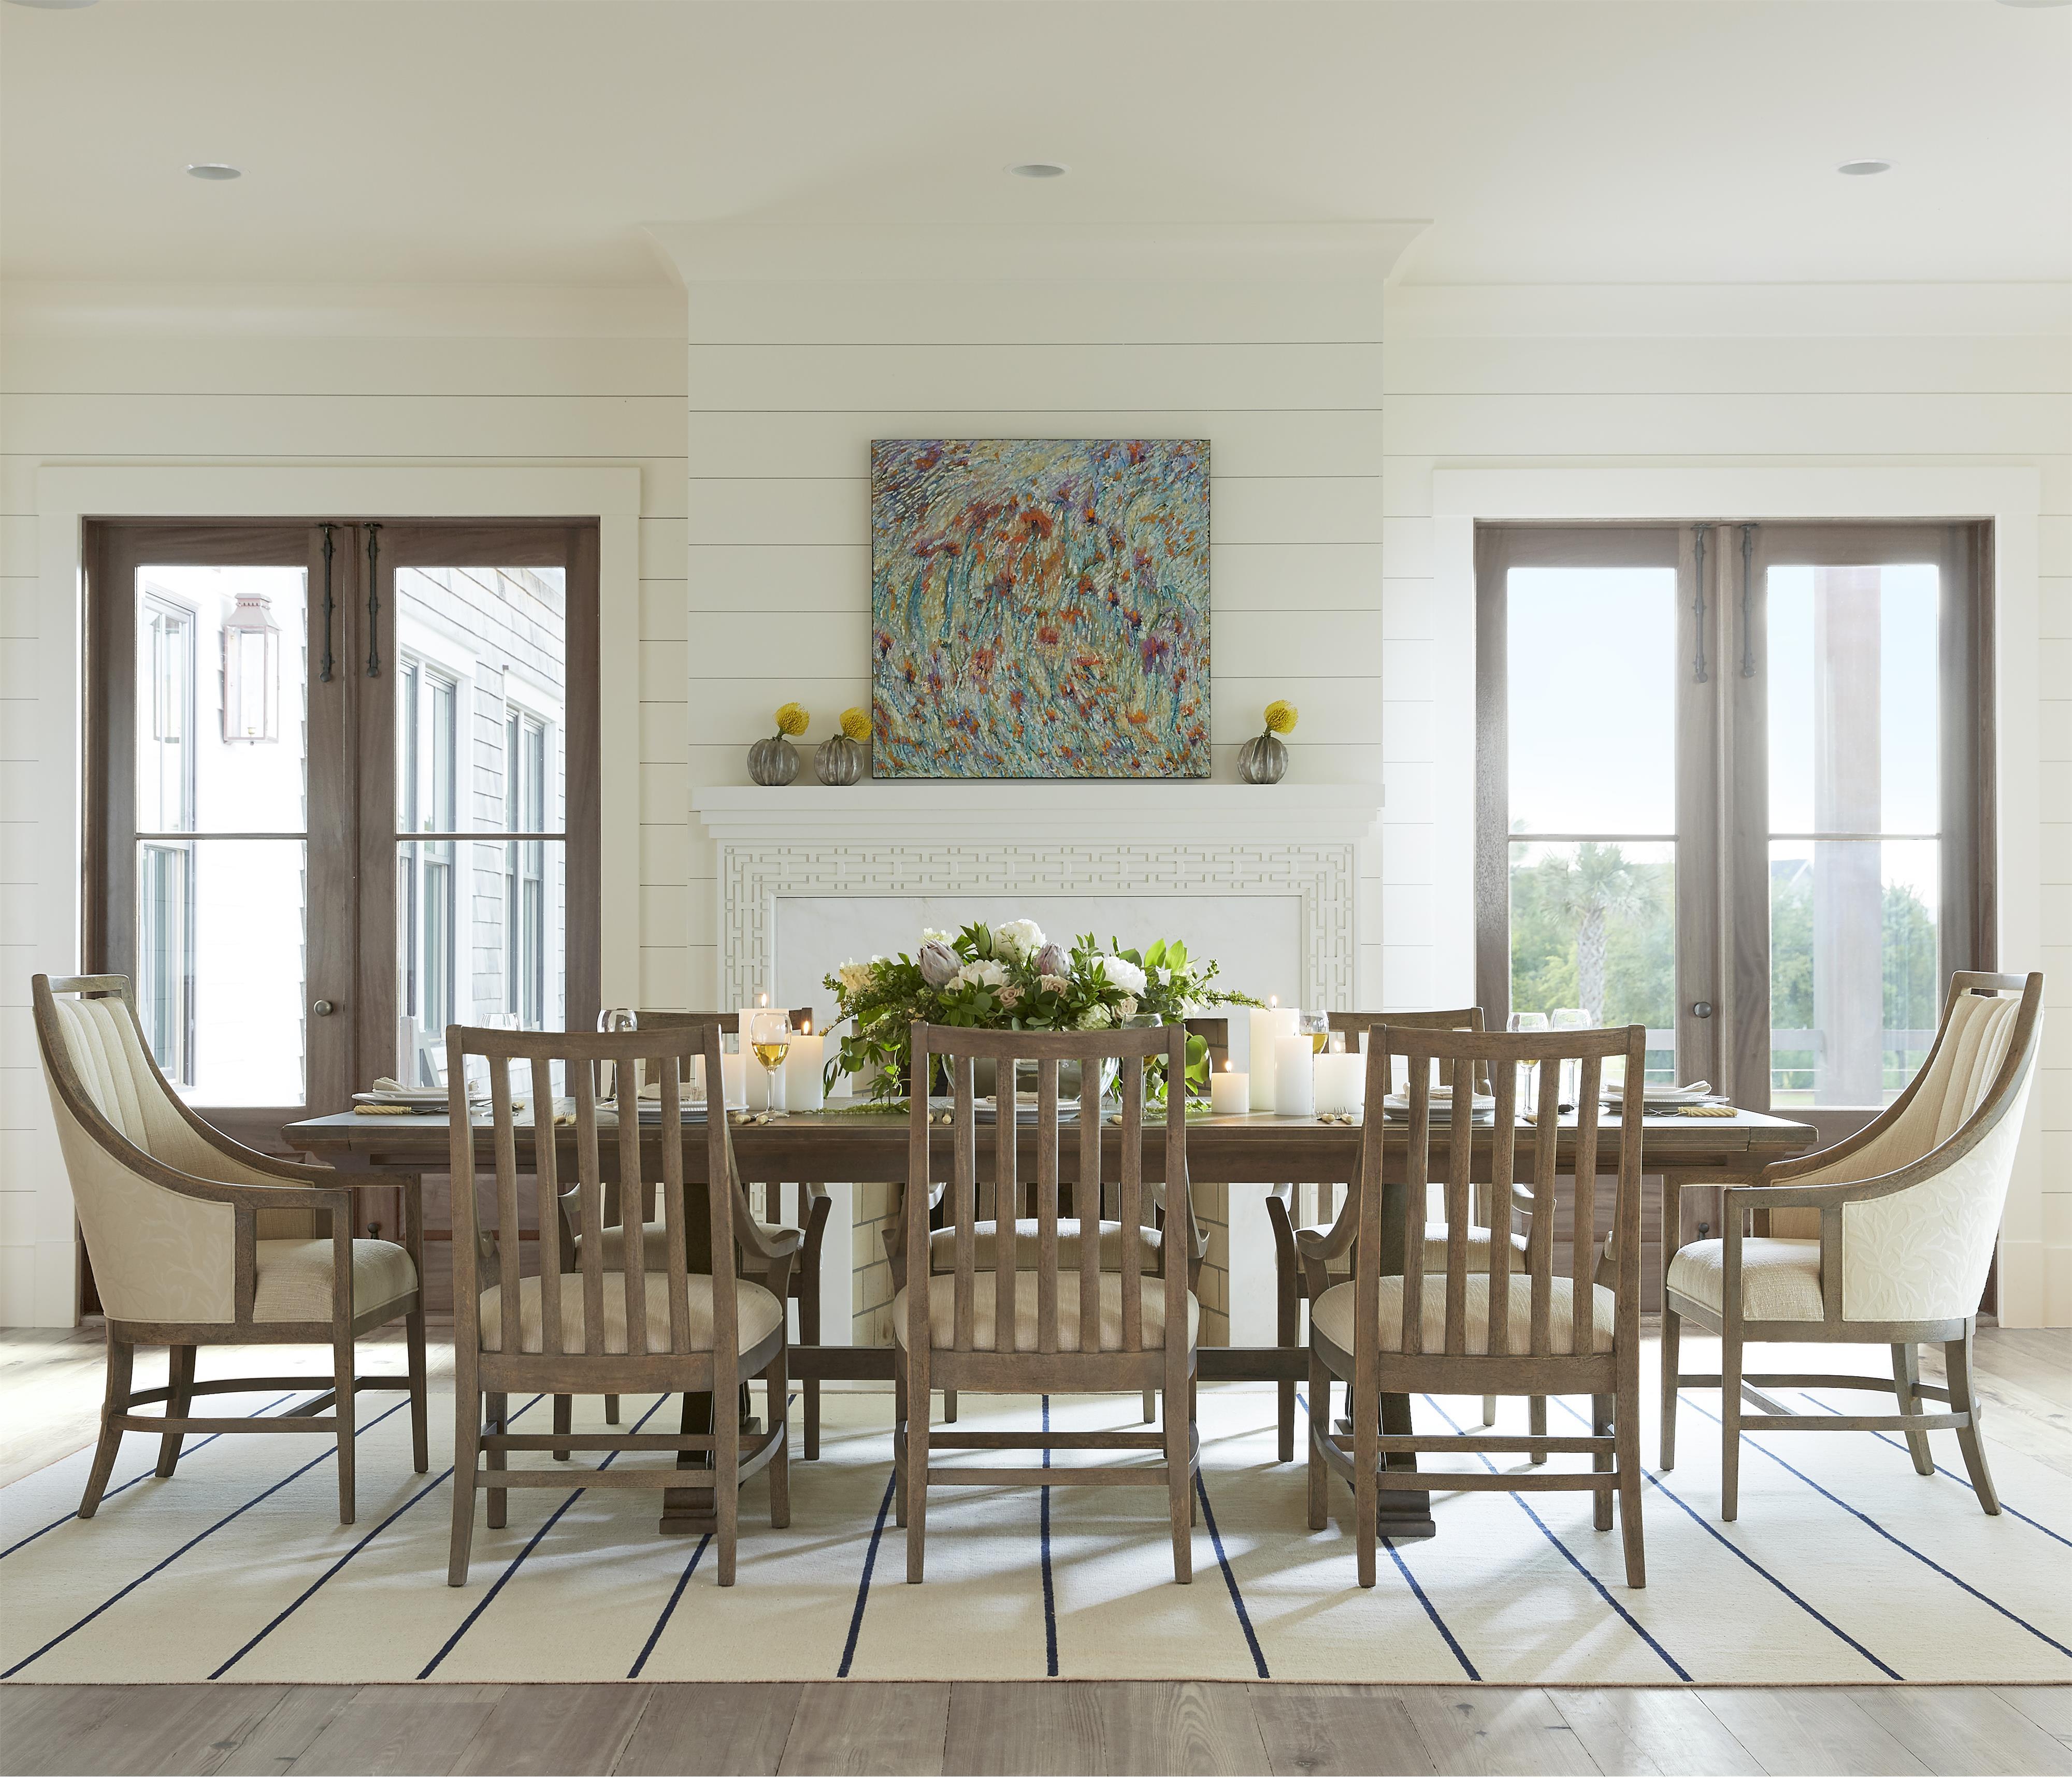 stanley furniture coastal living resort 9 piece shelter. Black Bedroom Furniture Sets. Home Design Ideas